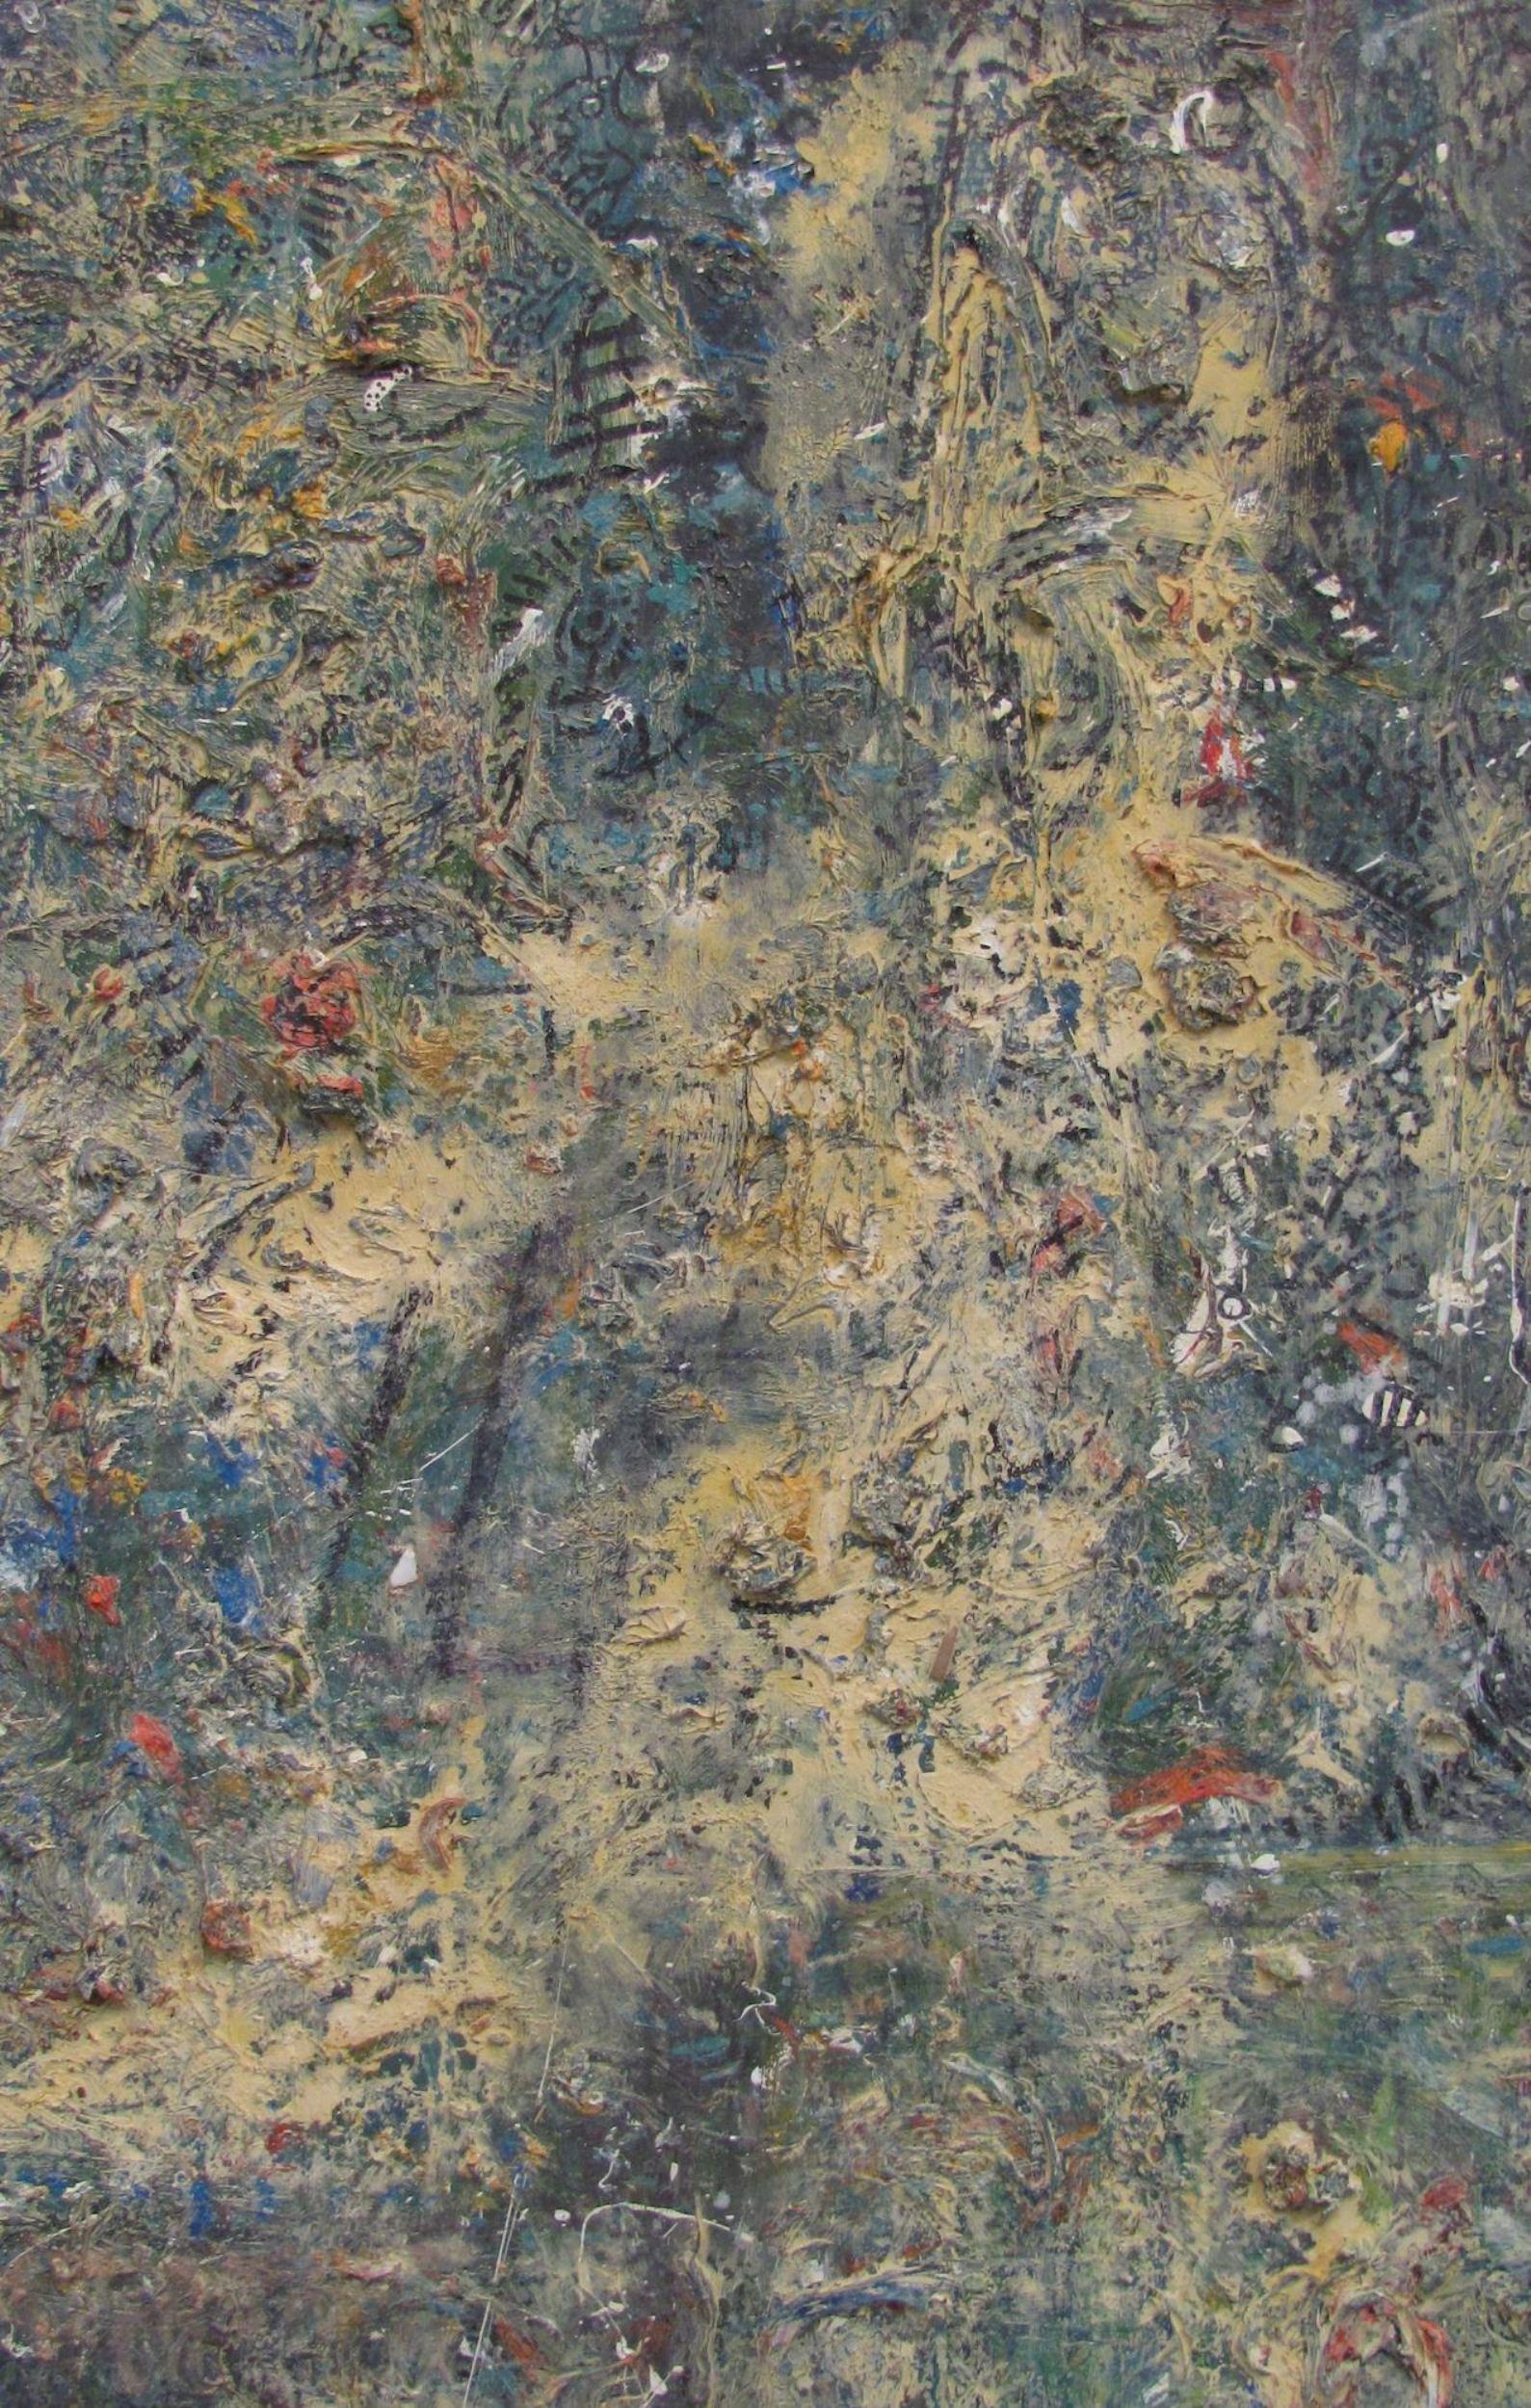 Sebanc_Flyer Oil on canvas 25 X 39 2012.jpg